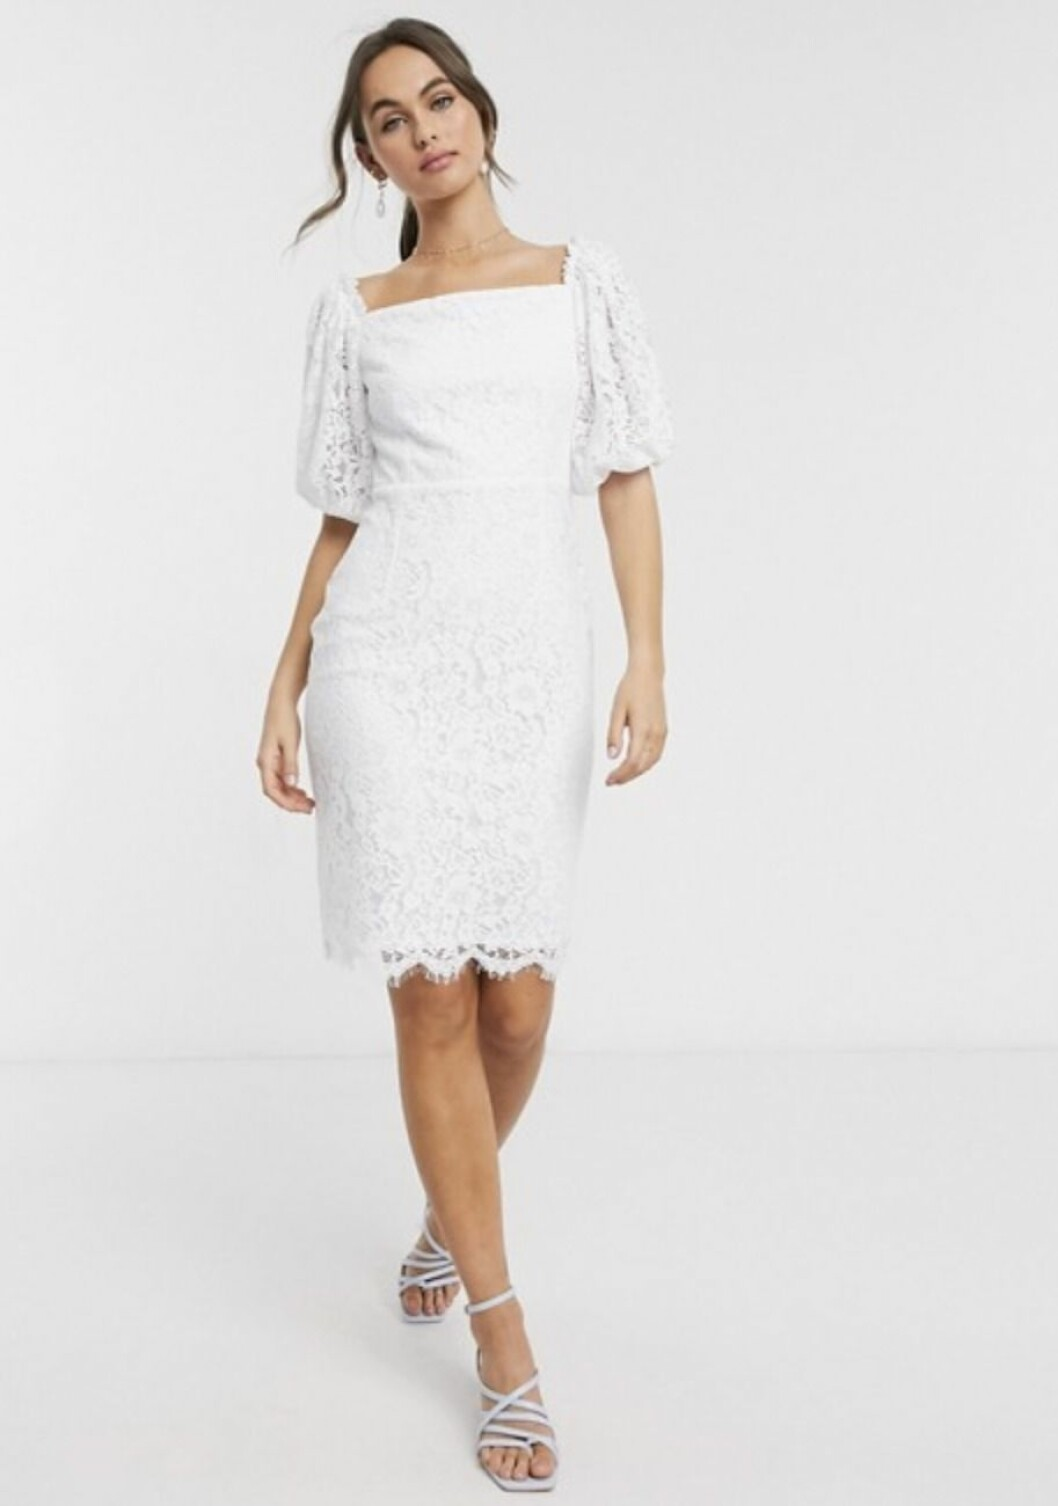 Vit spetsklänning med ballongärm –perfekt som bröllopsklänning